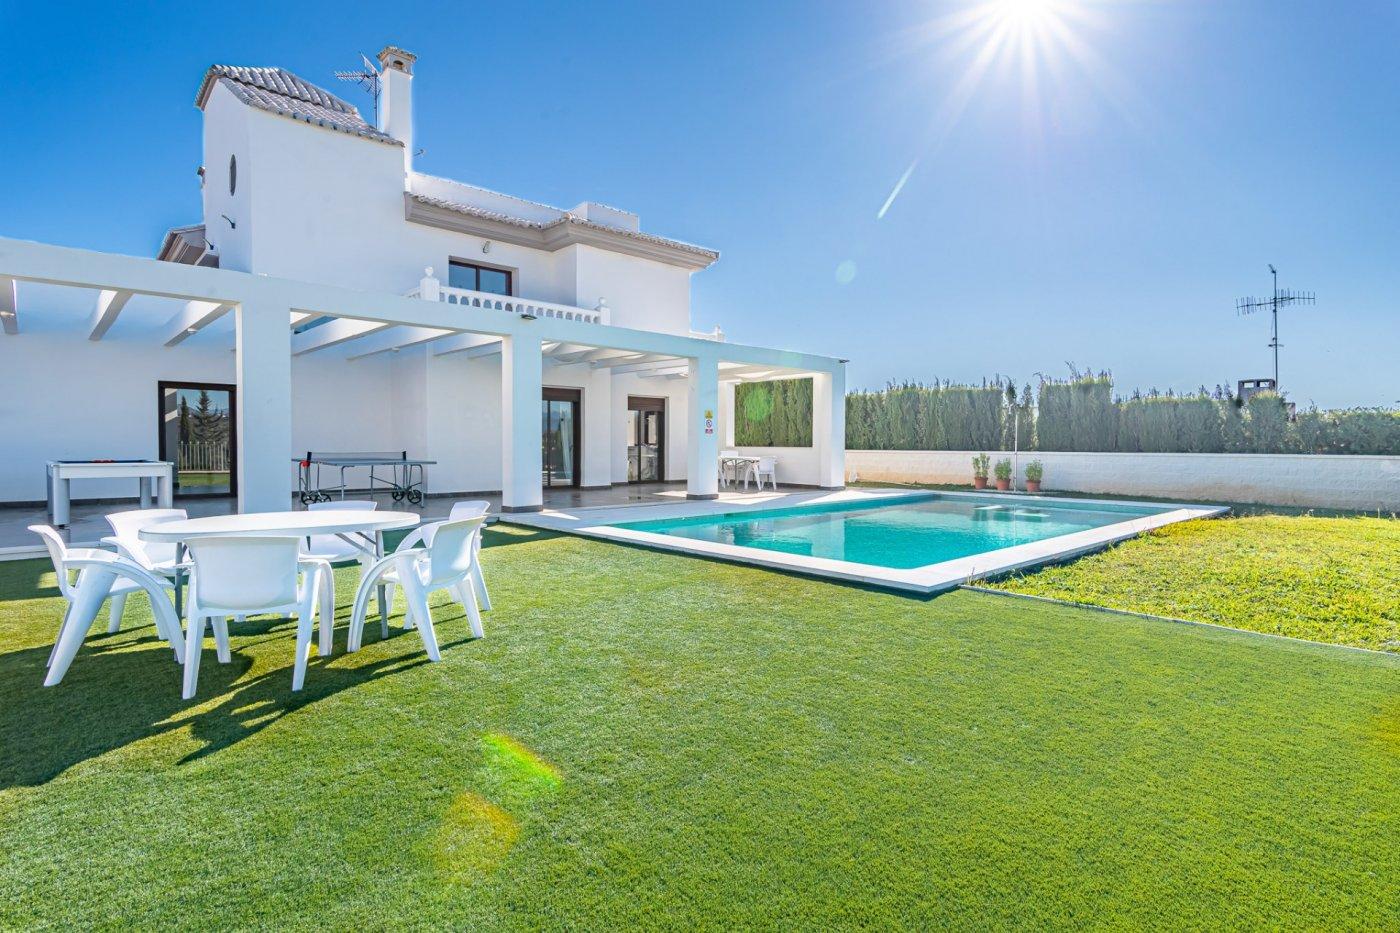 Villa en venta en La sierrezuela, Mijas